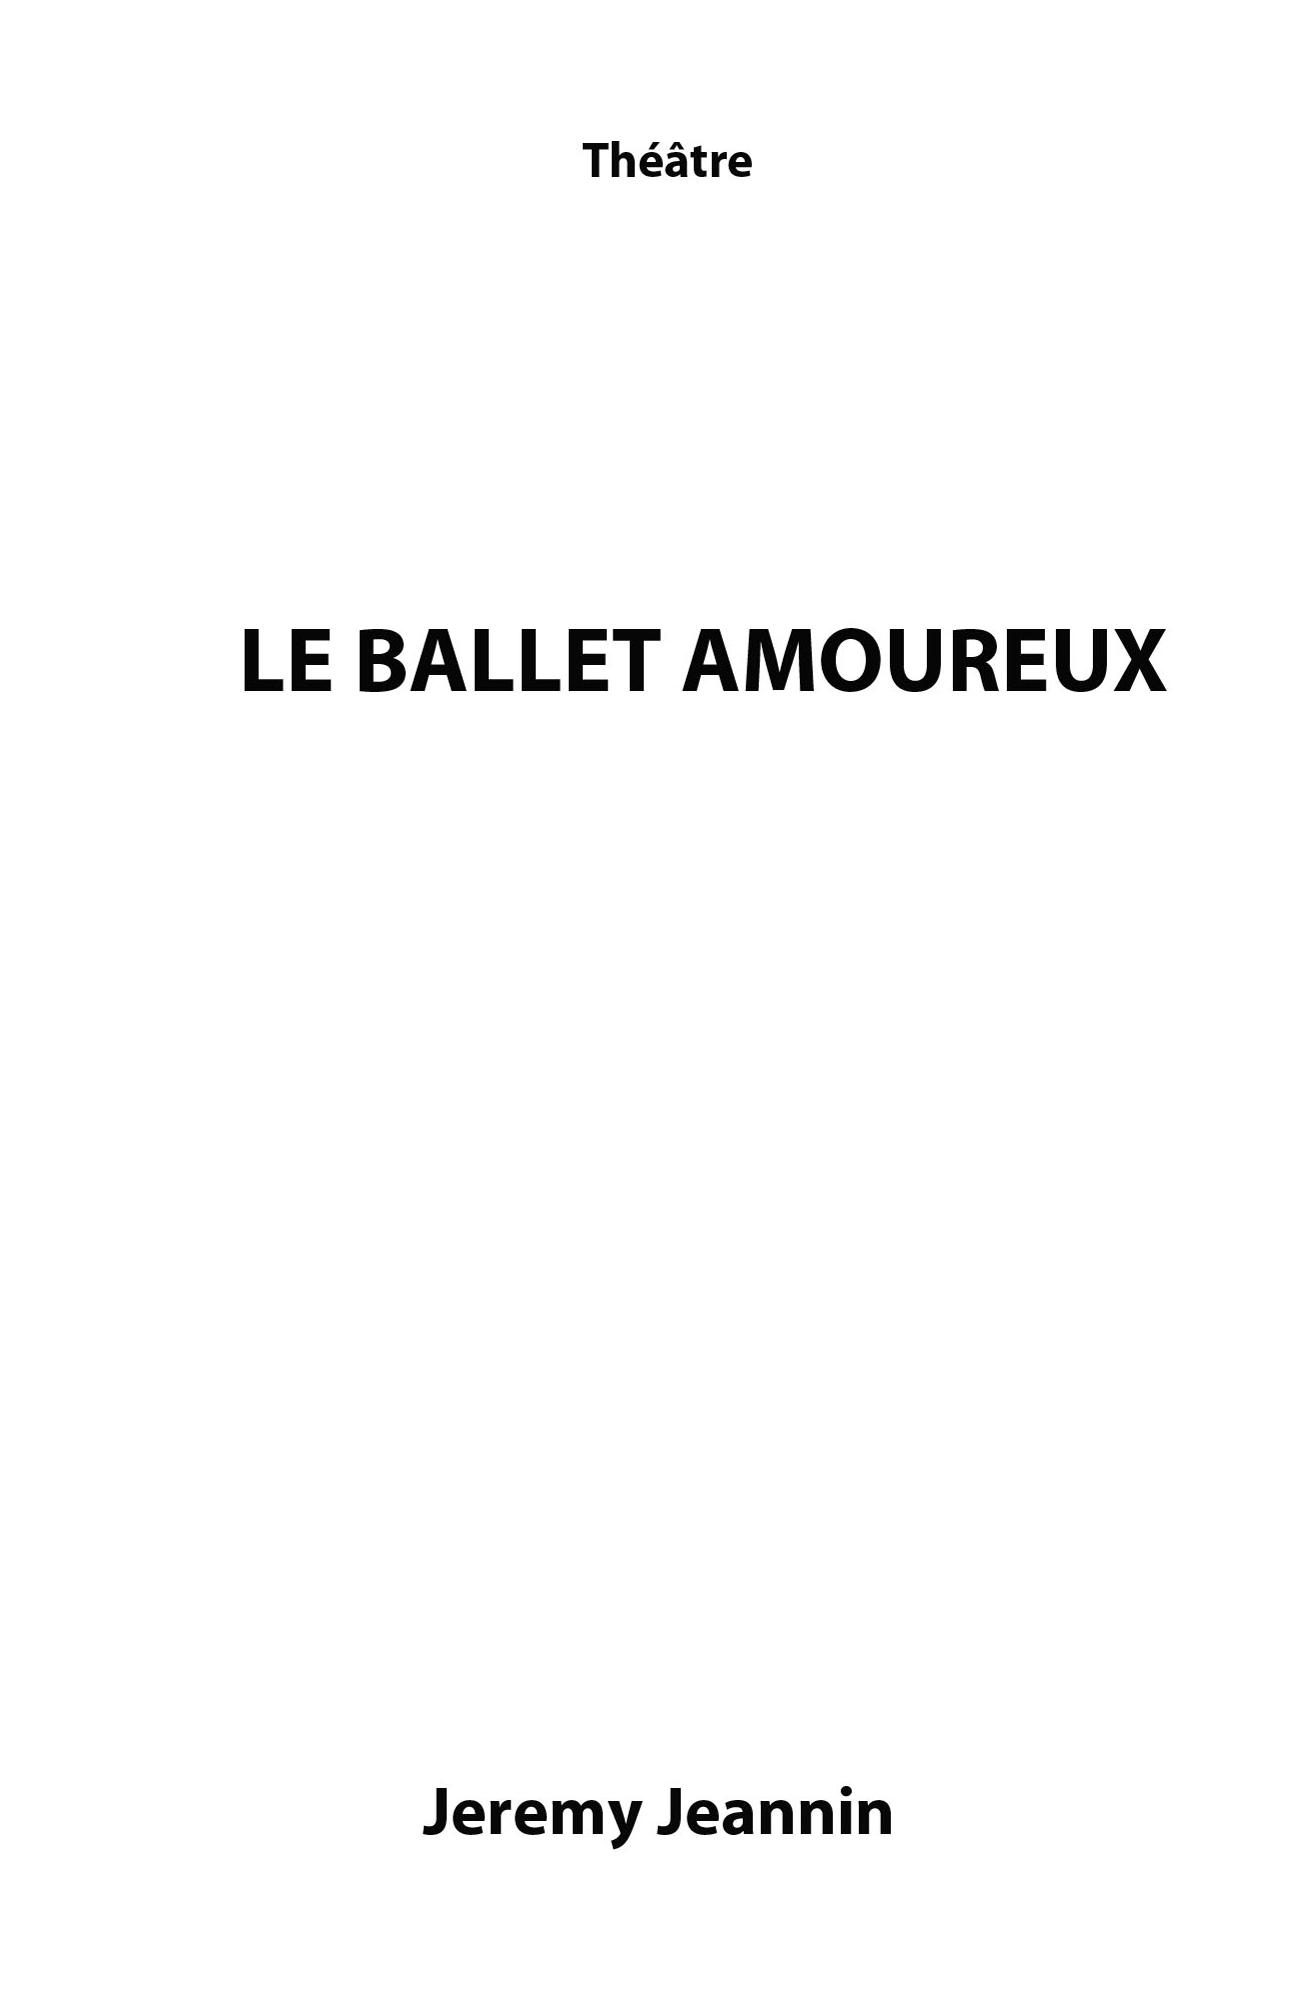 Le Ballet Amoureux